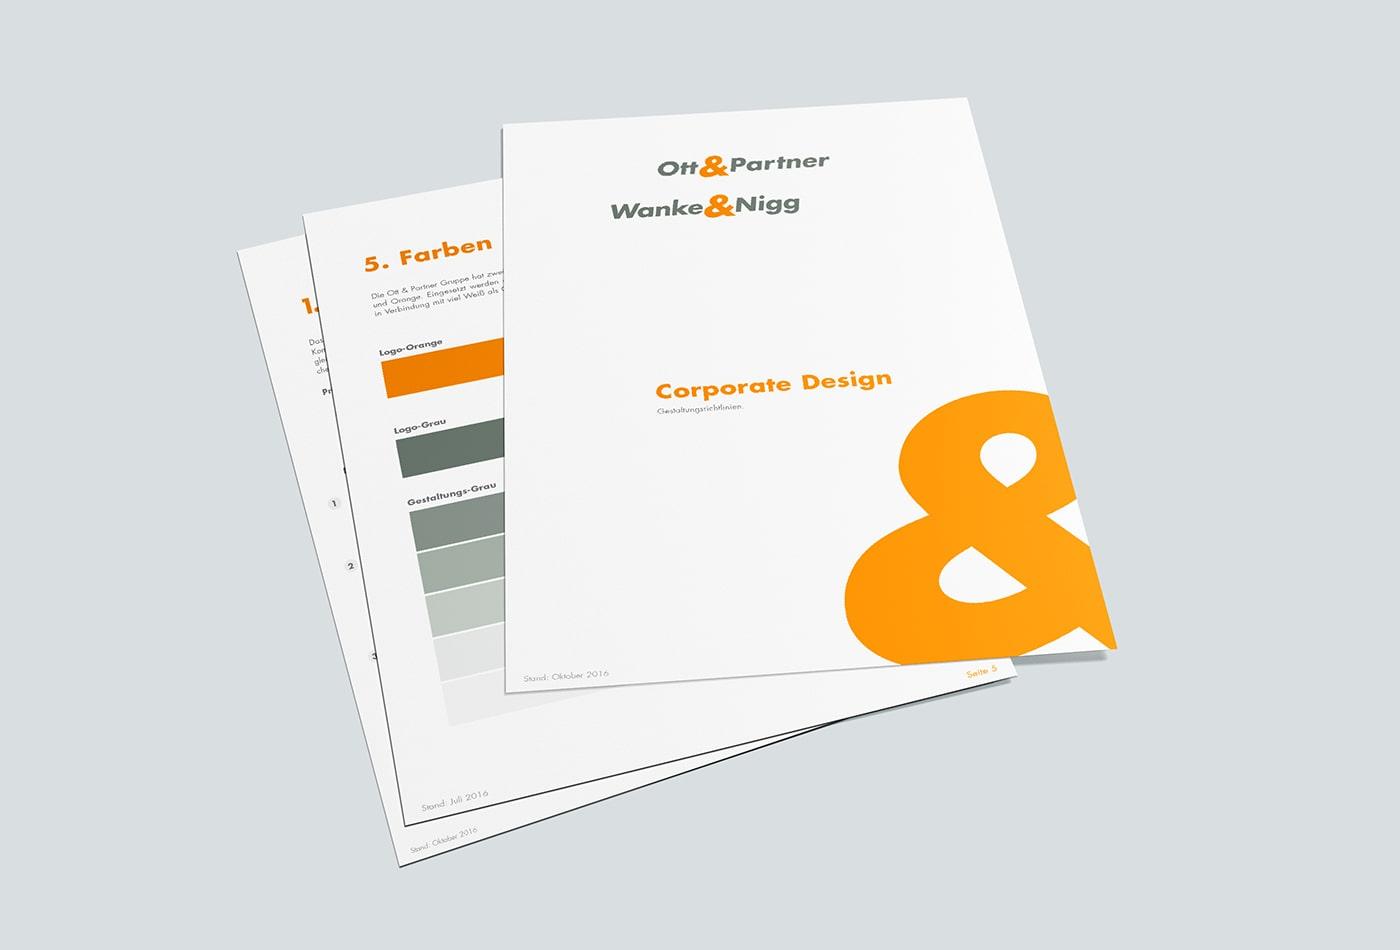 Ott&Partner Handbuch